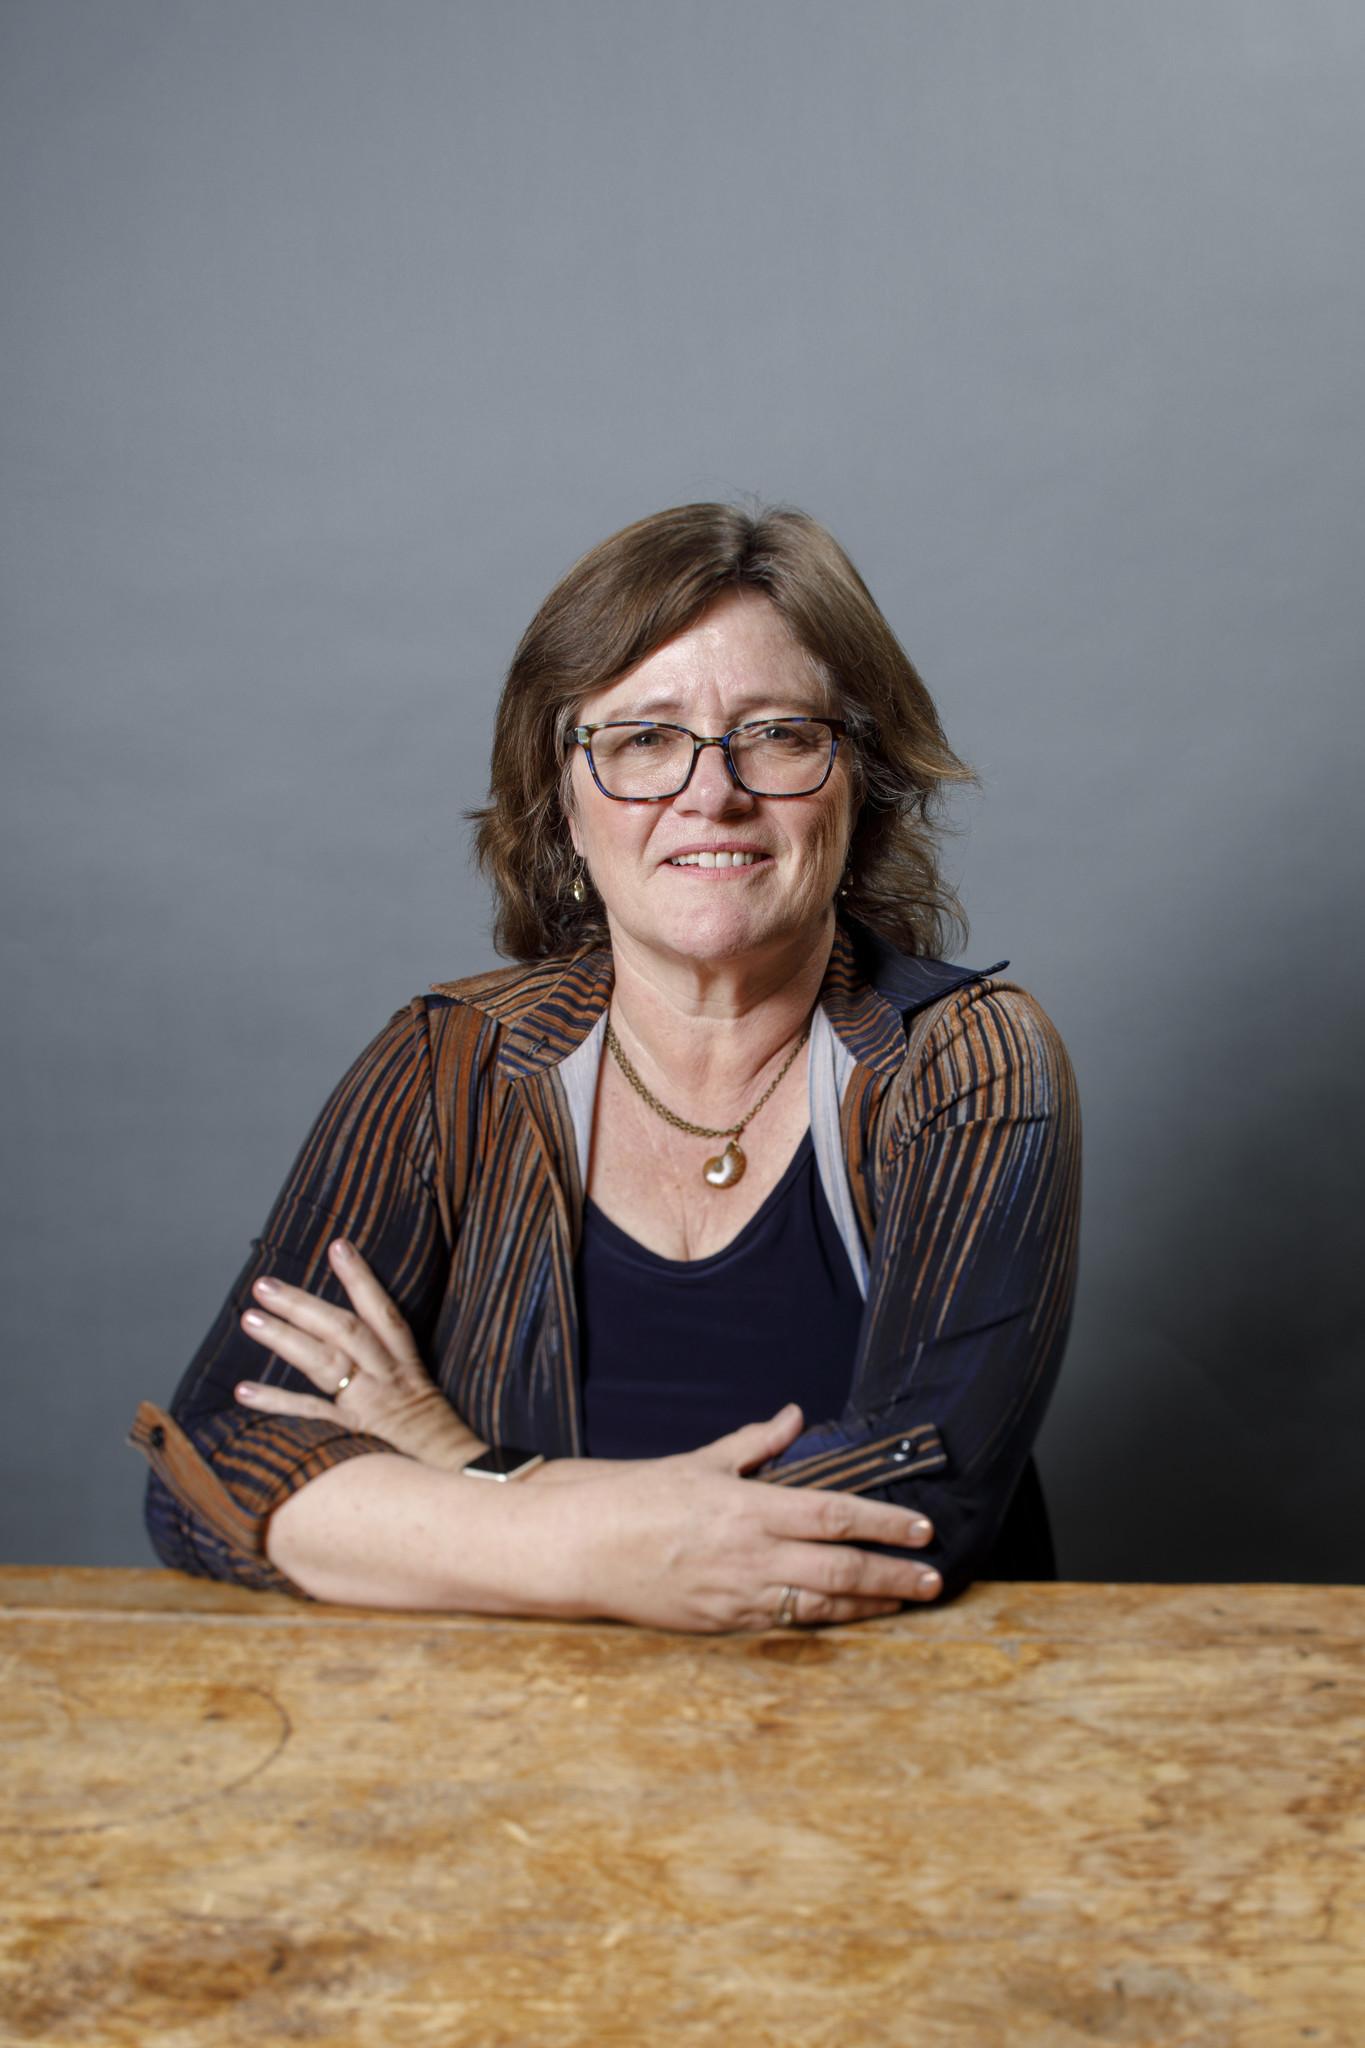 Dr. Lucy Jones